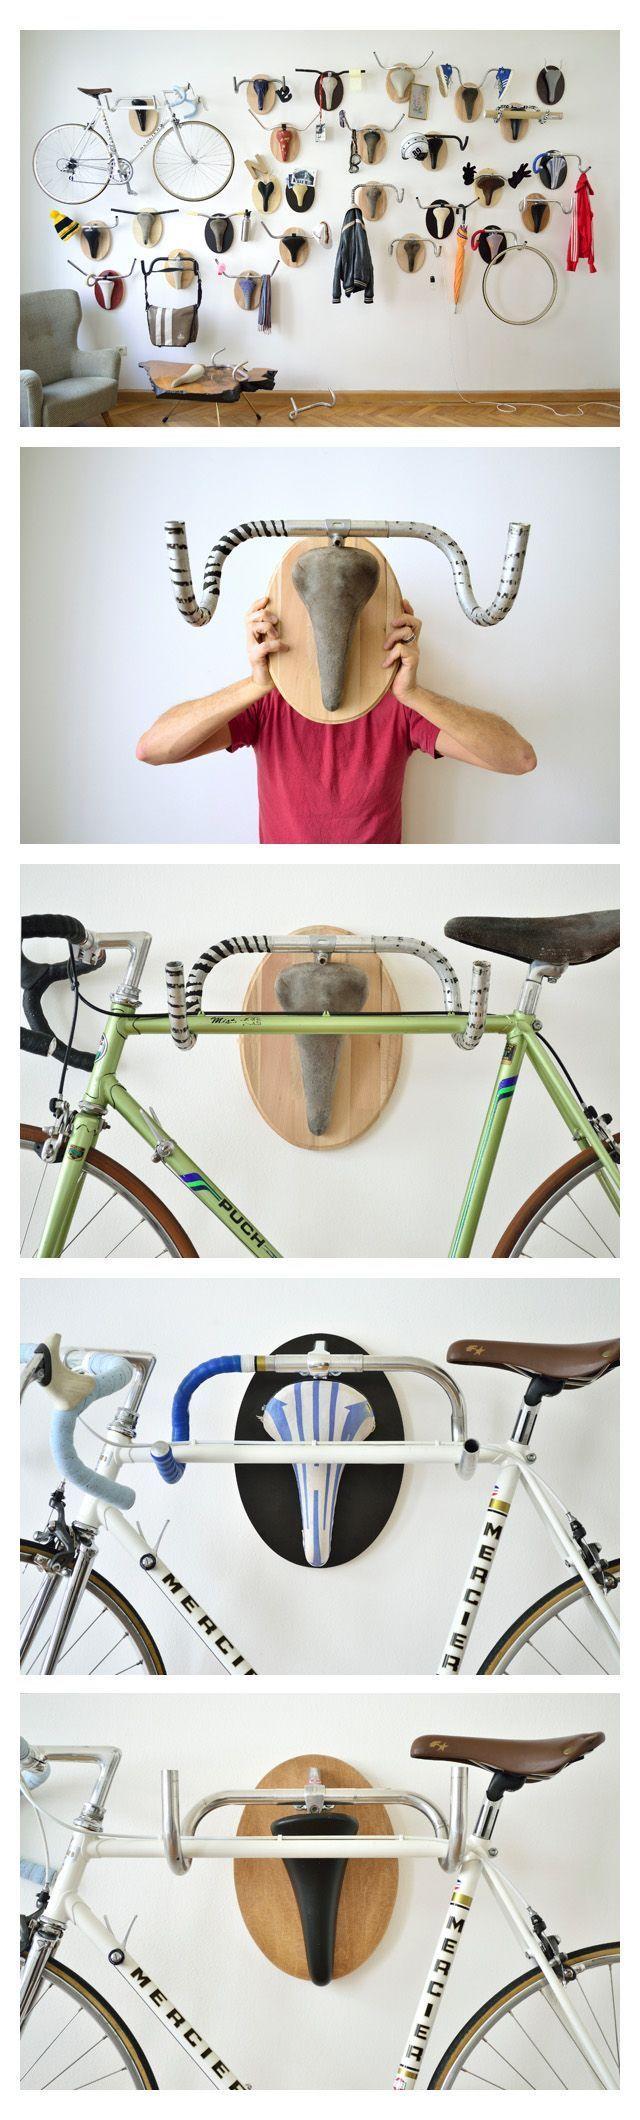 Decorar con bicicletas Reutilizar piezas de bicicleta para decorar #diy y segundas oportunidades en www.gorgorita.com